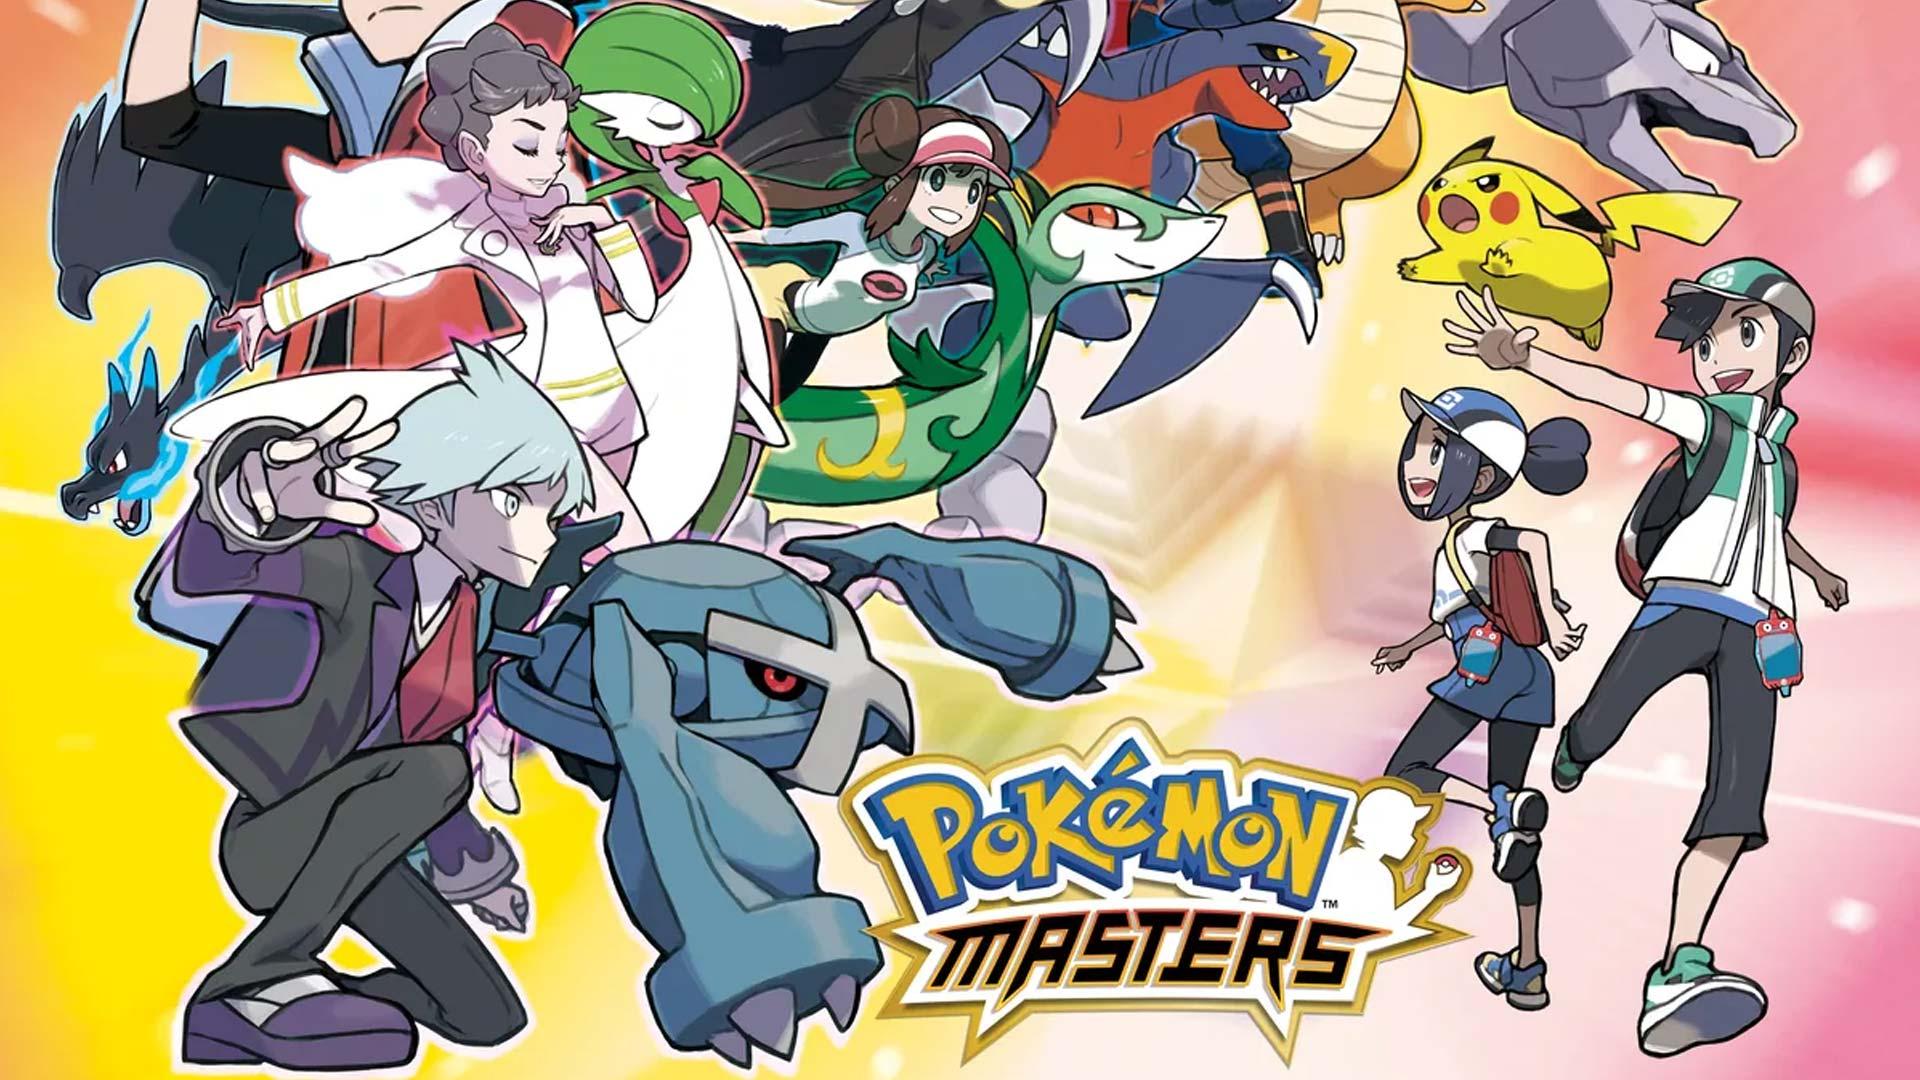 รวมอัปเดตข่าวใหญ่จากงาน Pokémon 2019 Press Conference